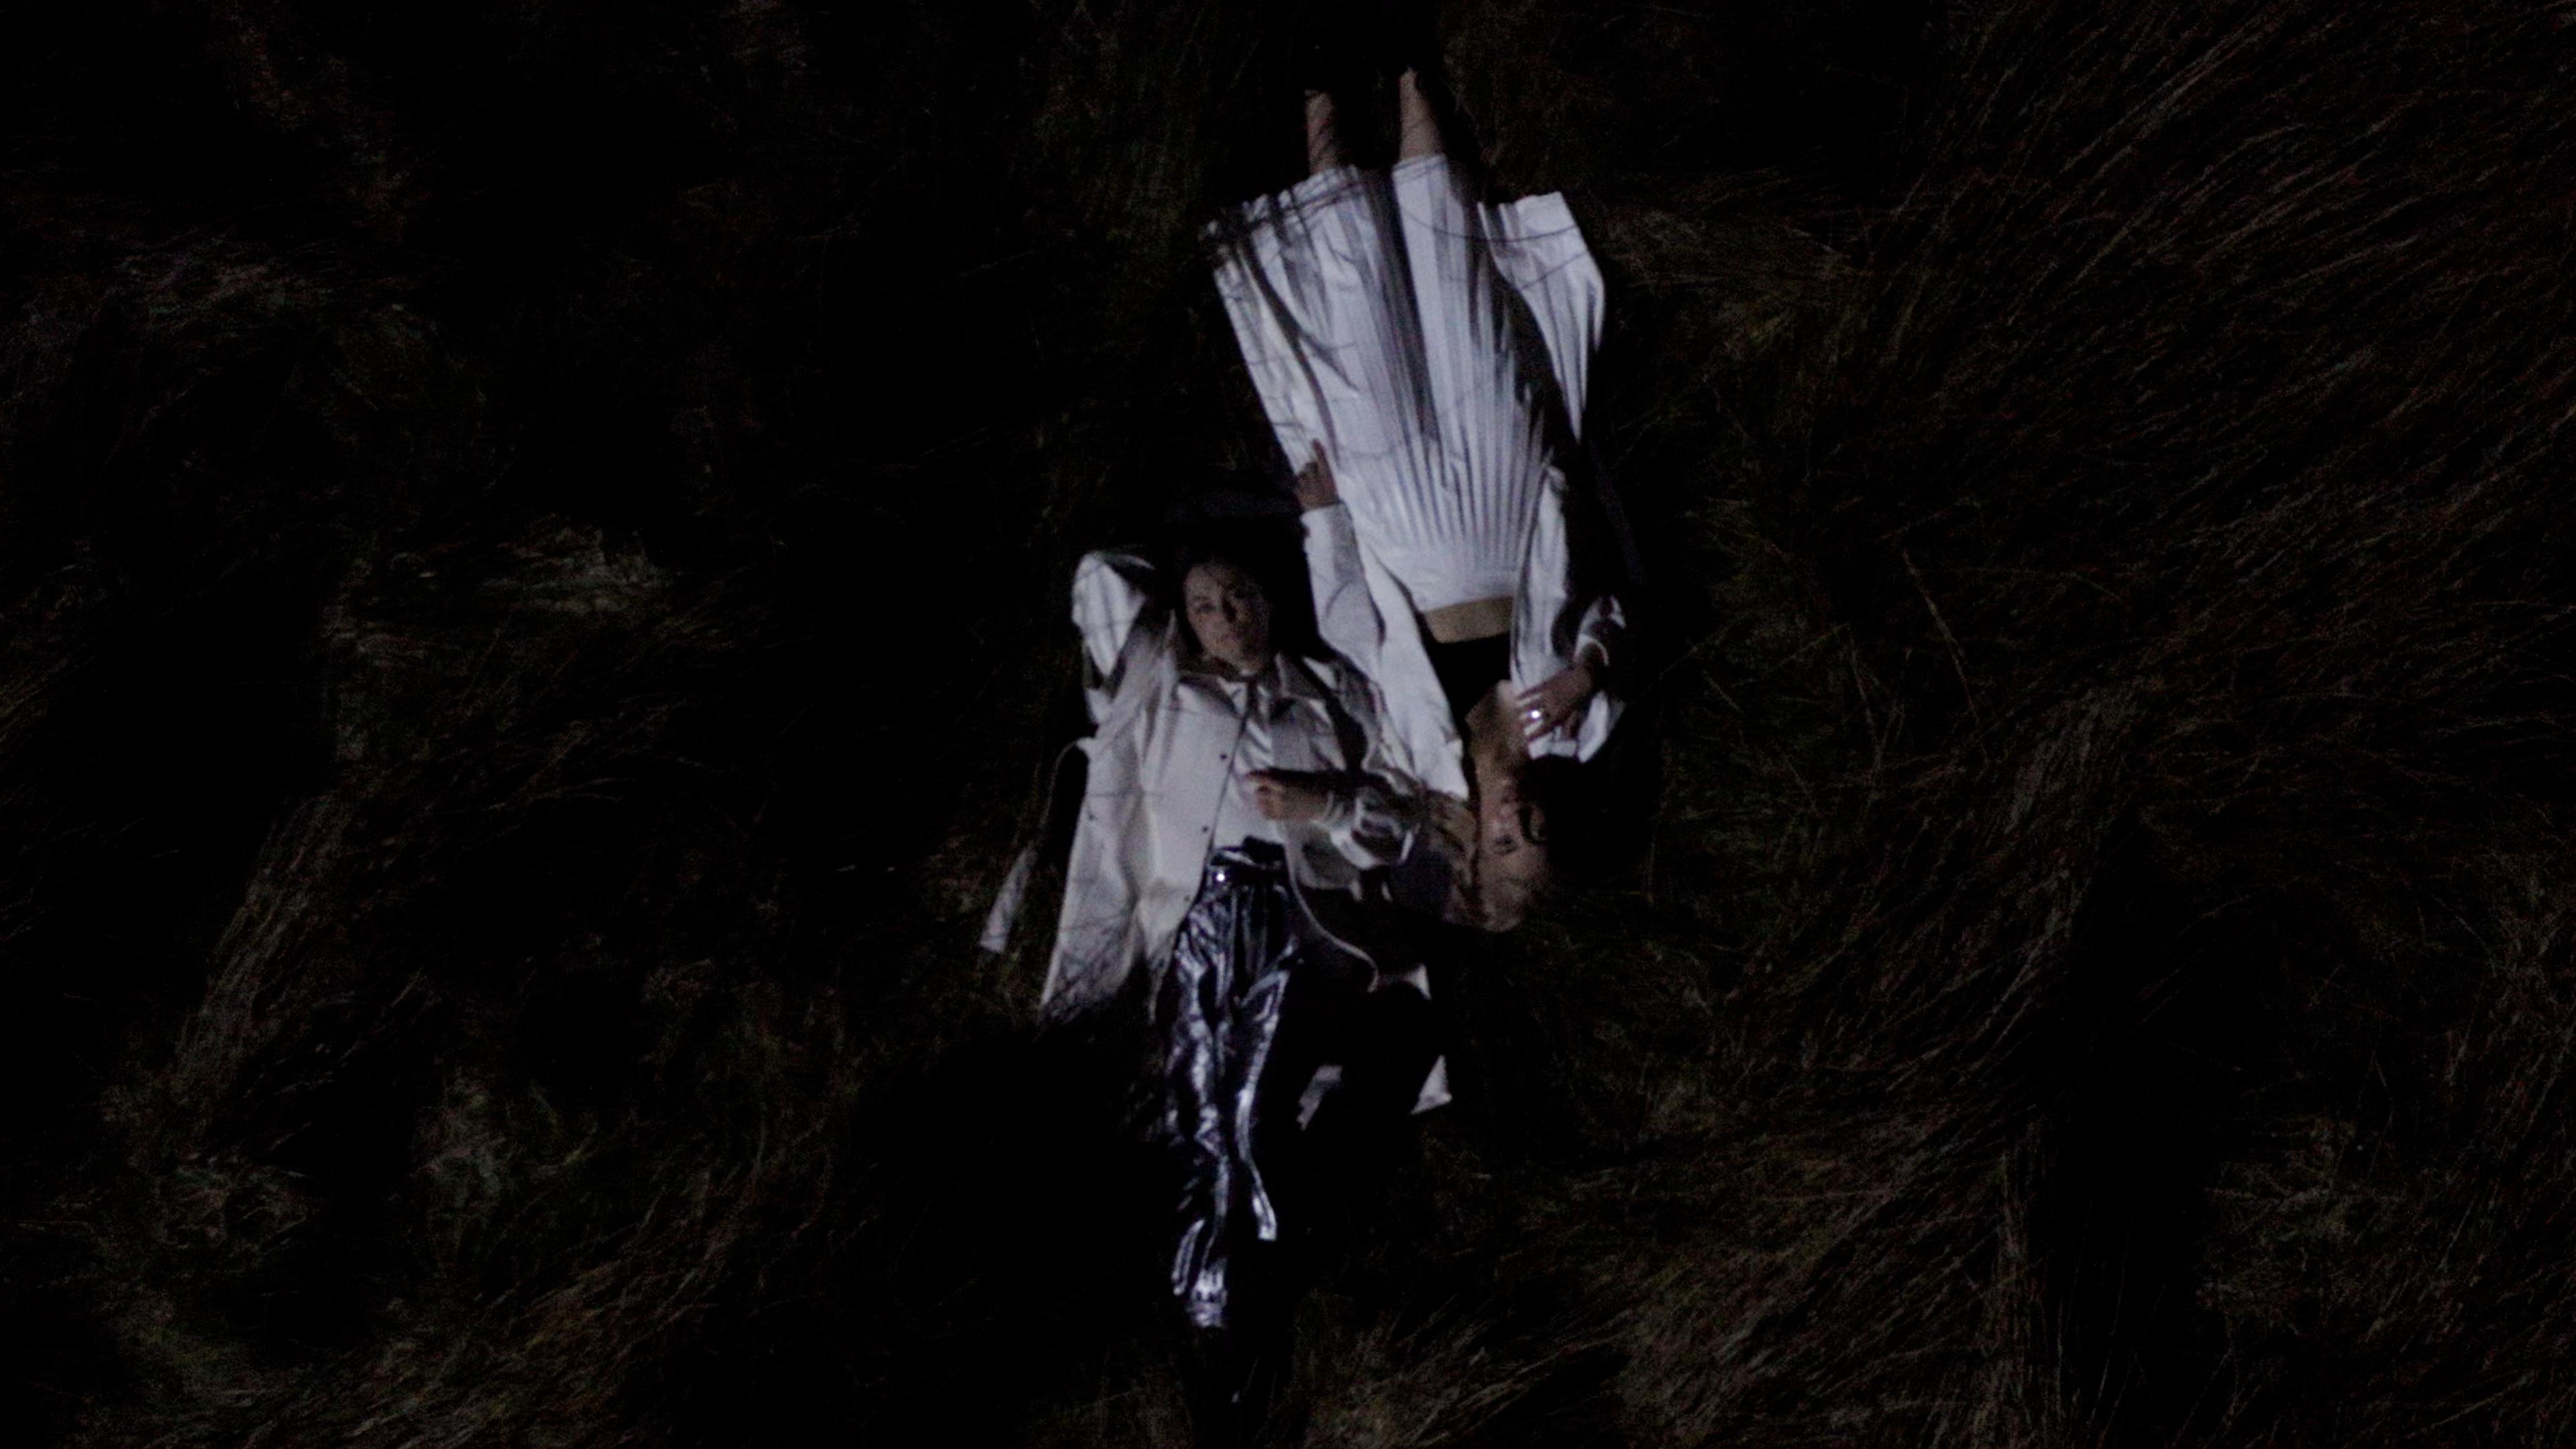 Drone shot of Saint Sister lying in field